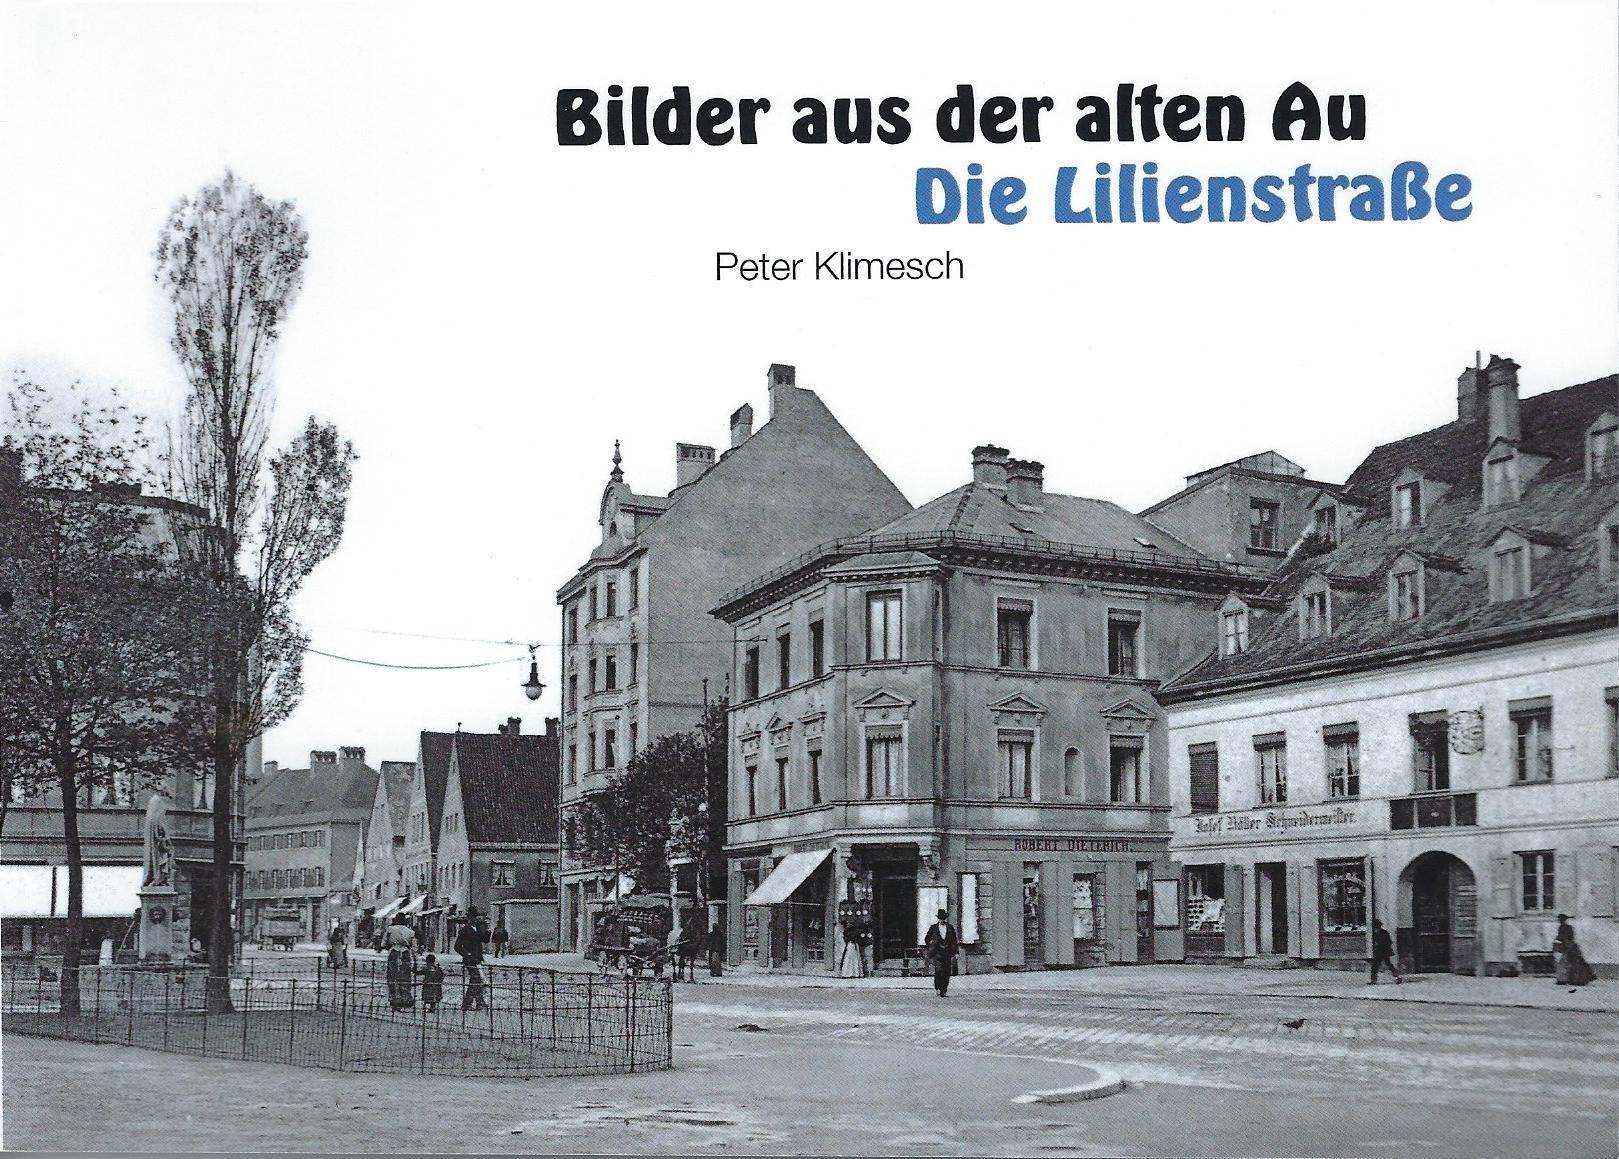 Die Lilienstraße. Bilder aus der alten Au.